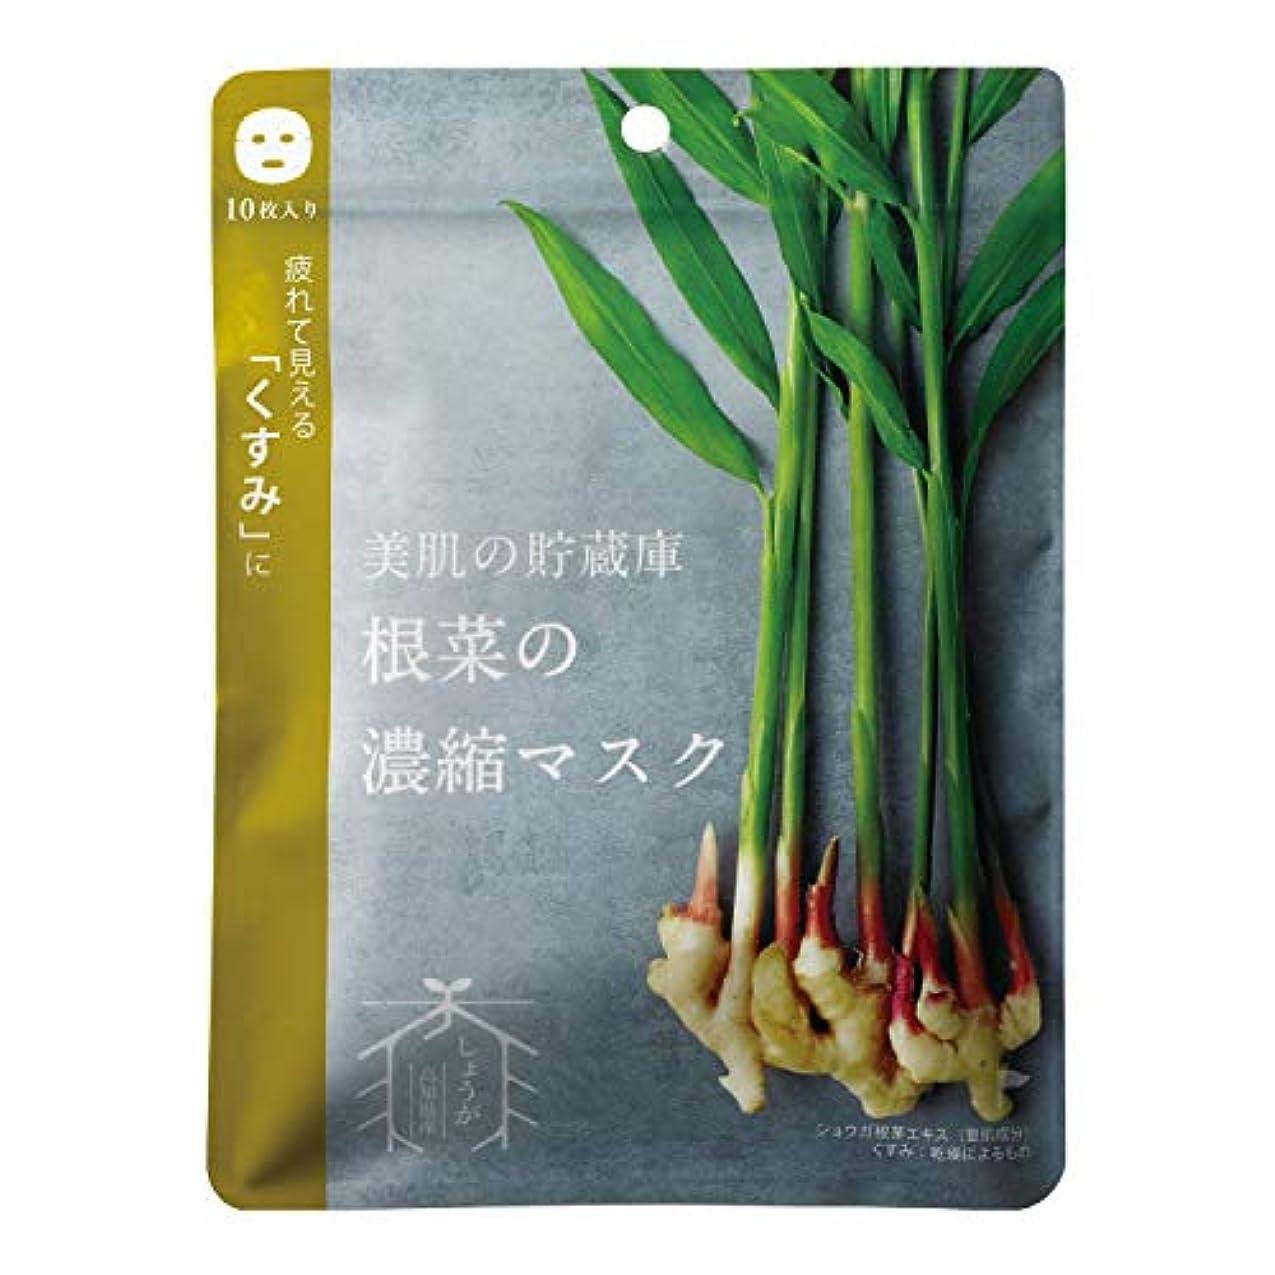 支配的悪質なあいまいさ@cosme nippon 美肌の貯蔵庫 根菜の濃縮マスク 土佐一しょうが 10枚 160ml